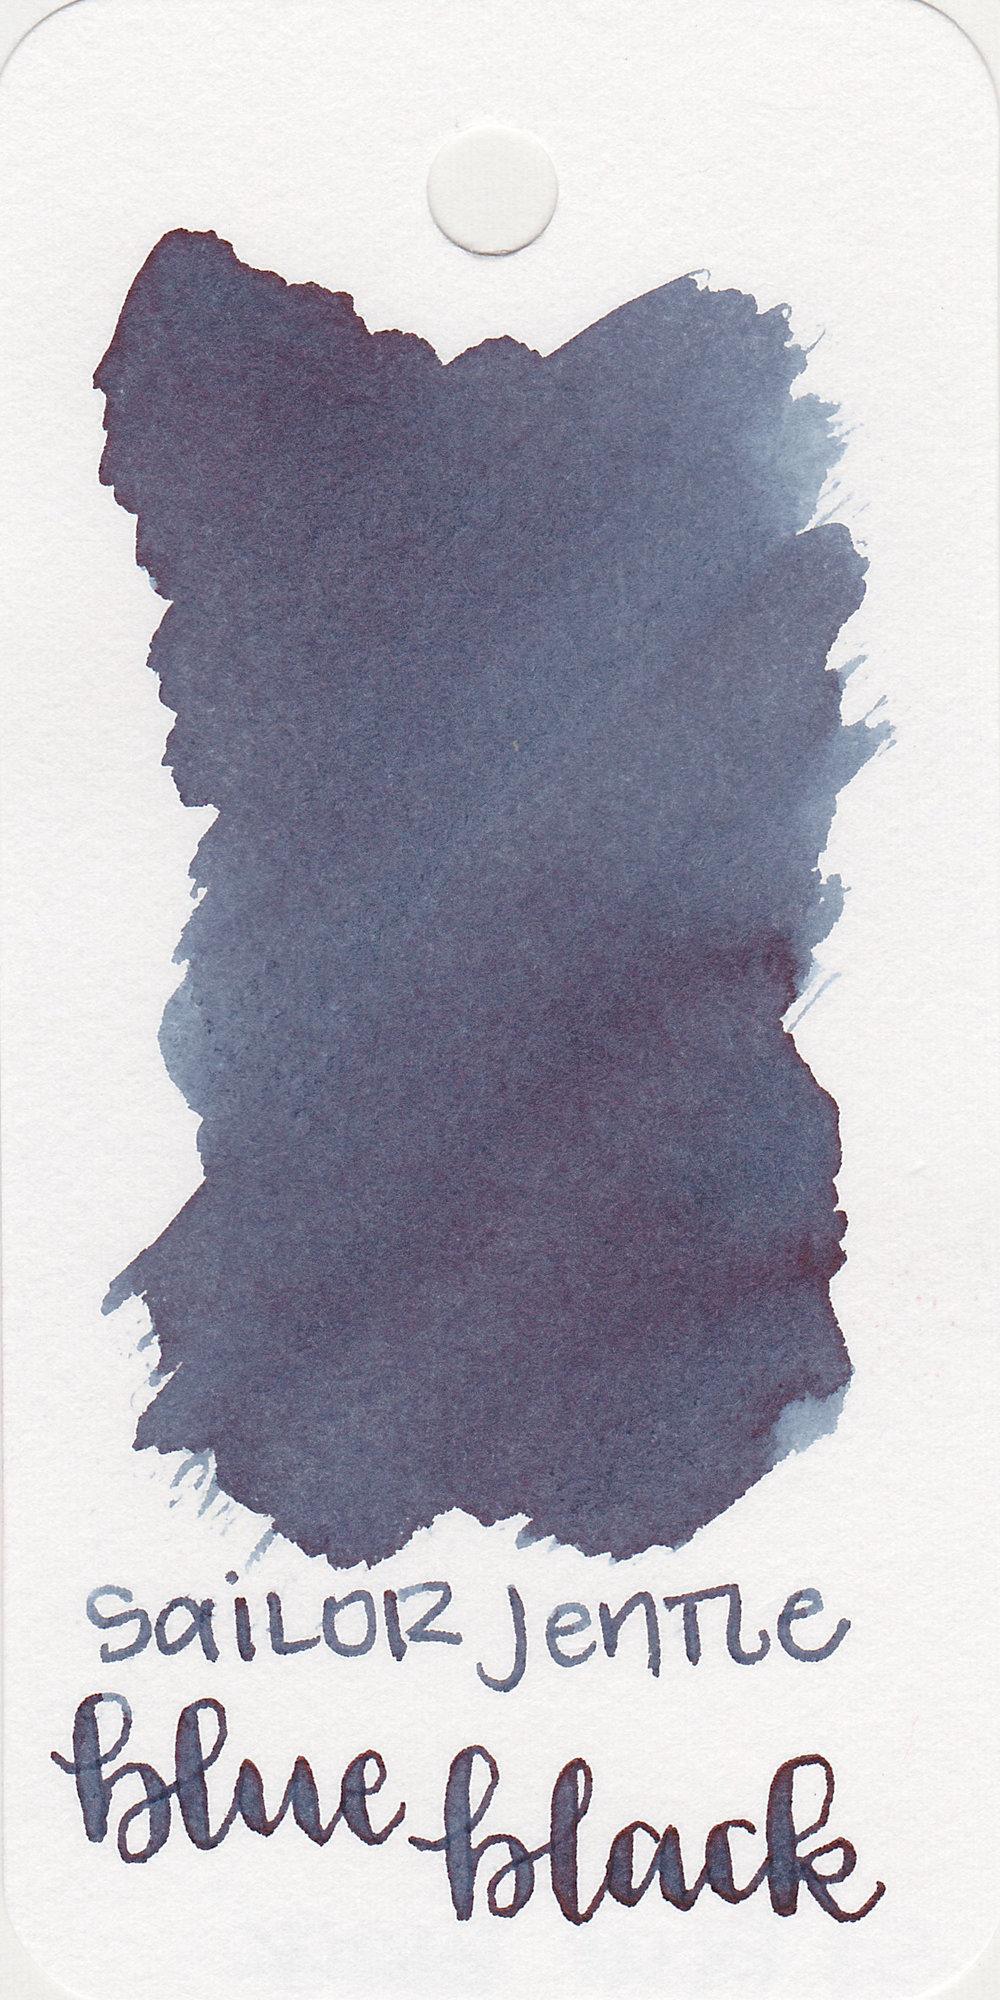 sj-blue-black-1.jpg